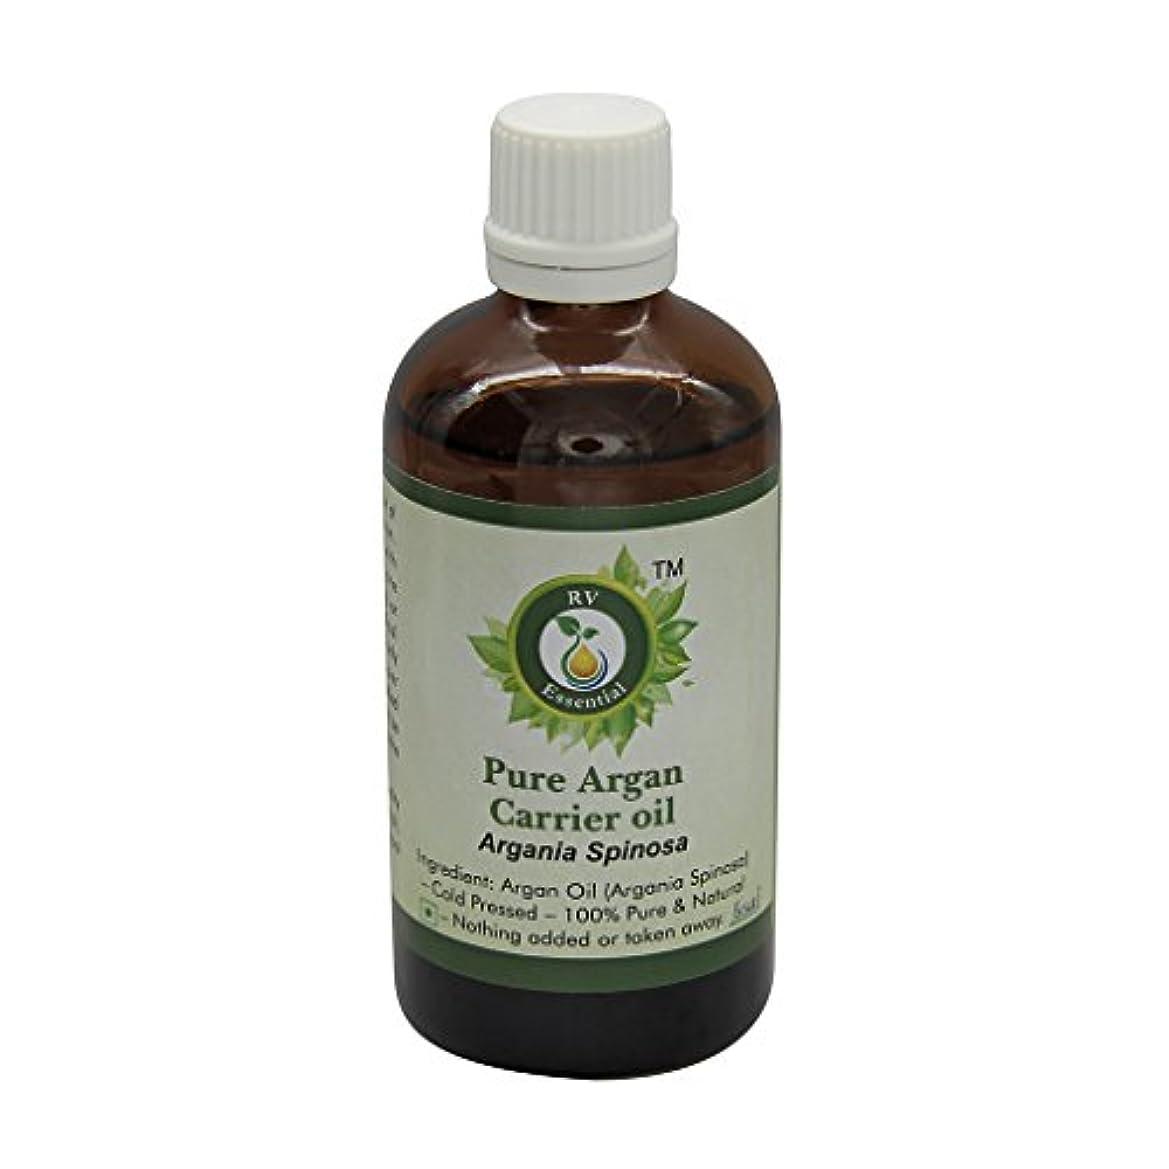 どこにもねばねば入り口R V Essential ピュアアルガンキャリアオイル100ml (3.38oz)- Argania Spinosa (100%ピュア&ナチュラルコールドPressed) Pure Argan Carrier Oil